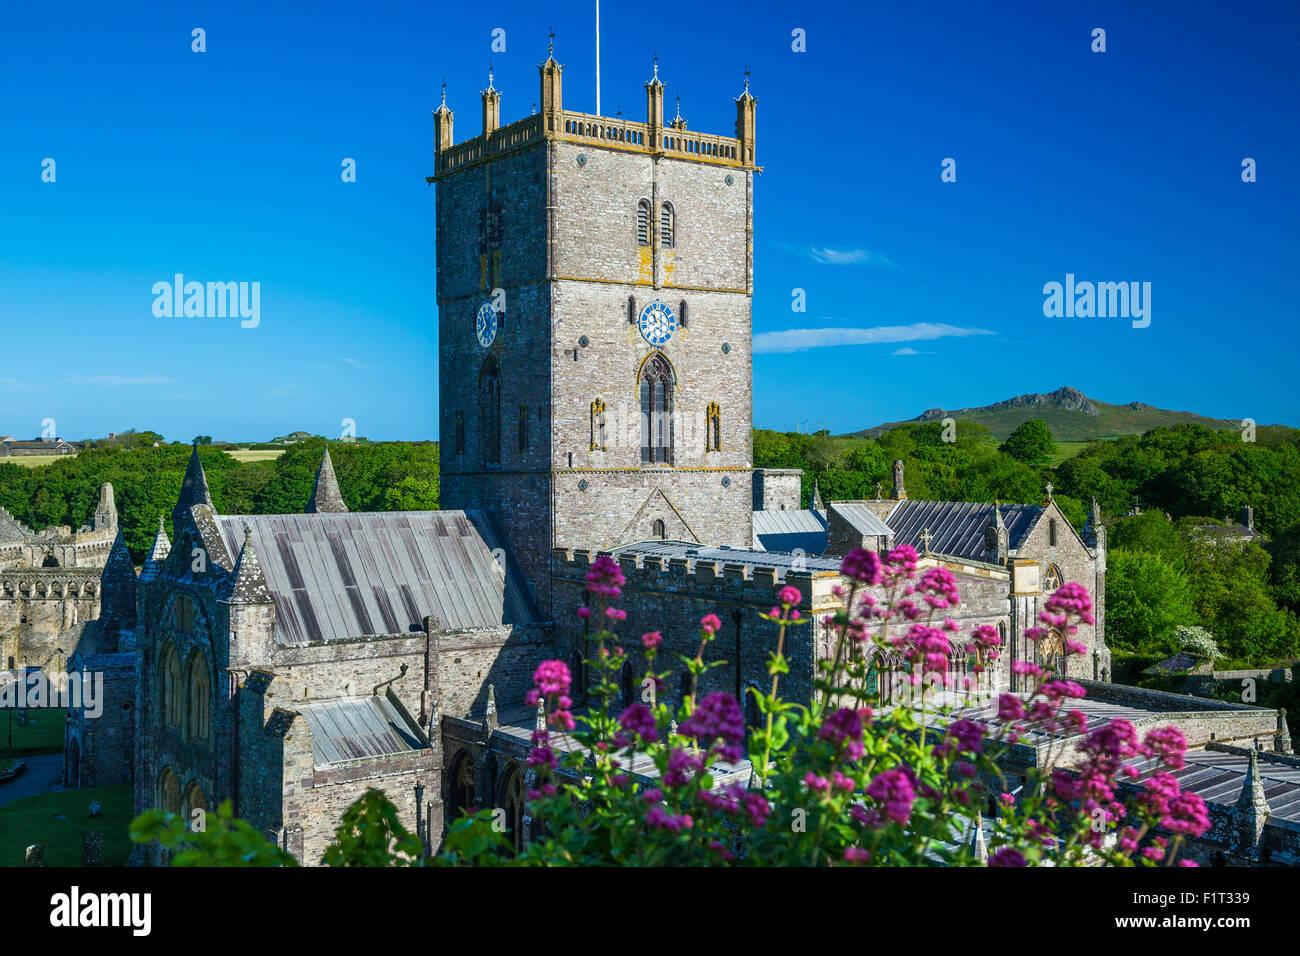 La Cathédrale St Davids, Pembrokeshire, Pays de Galles, Royaume-Uni, Europe Photo Stock